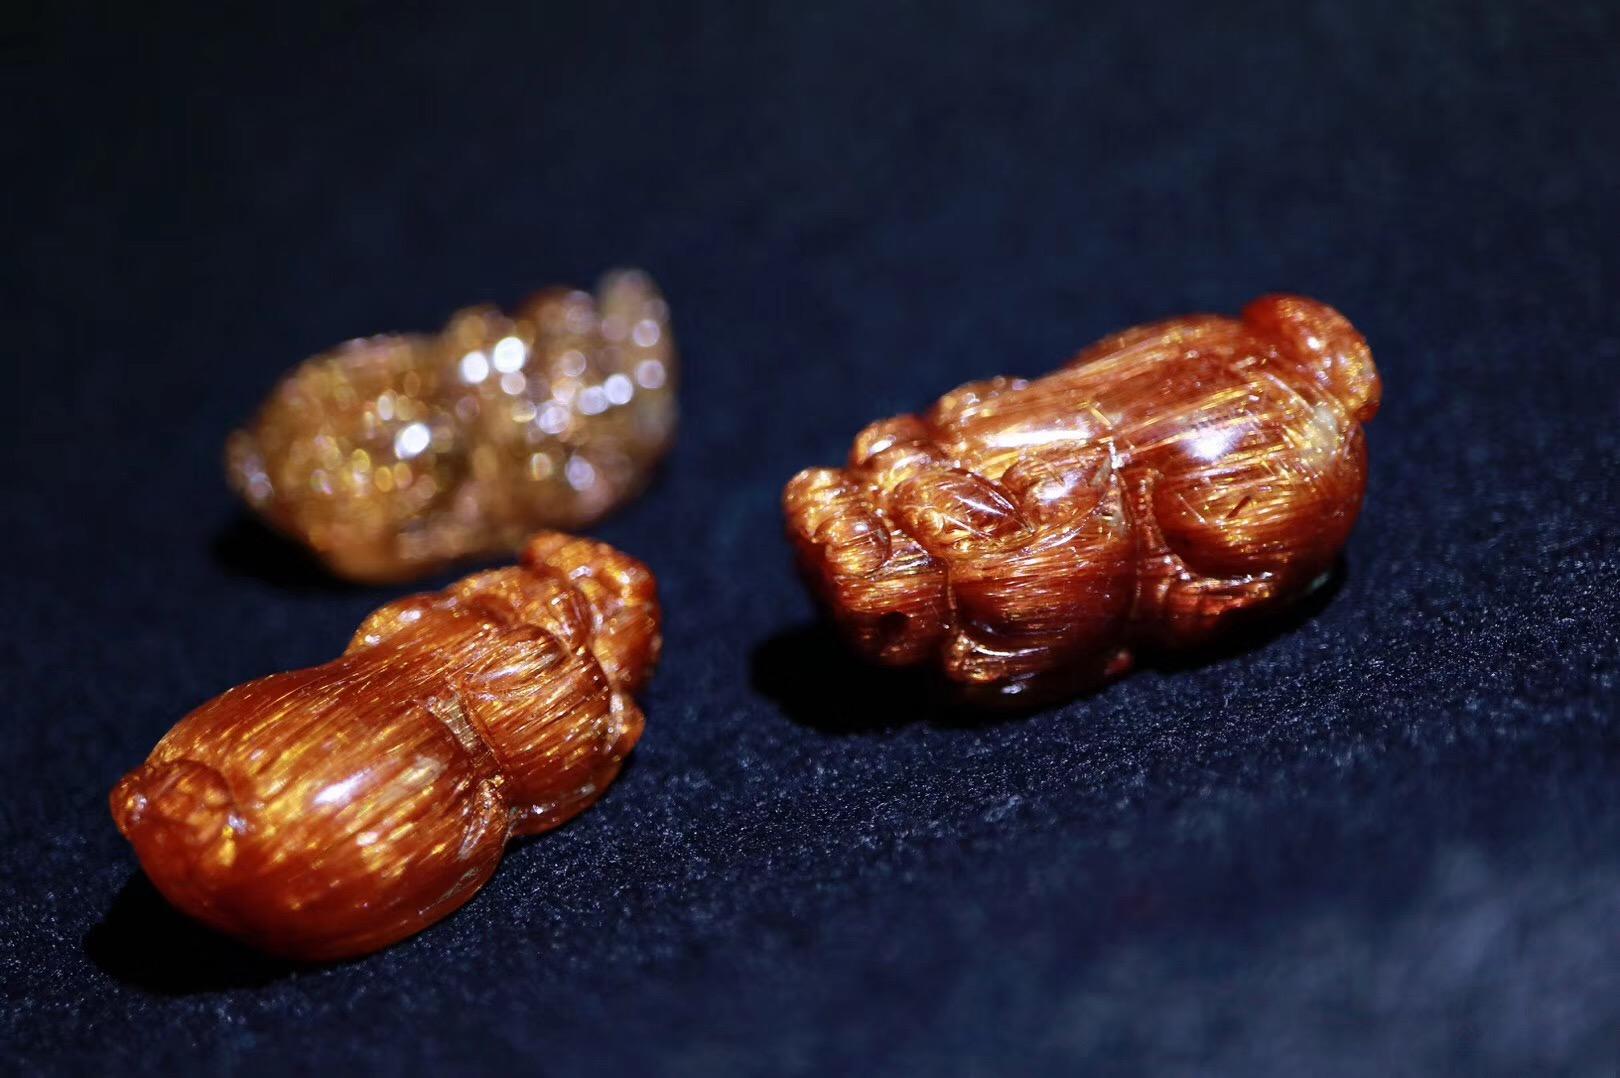 【菩心铜发晶貔貅】三只招财瑞兽,年底助运神器-菩心晶舍